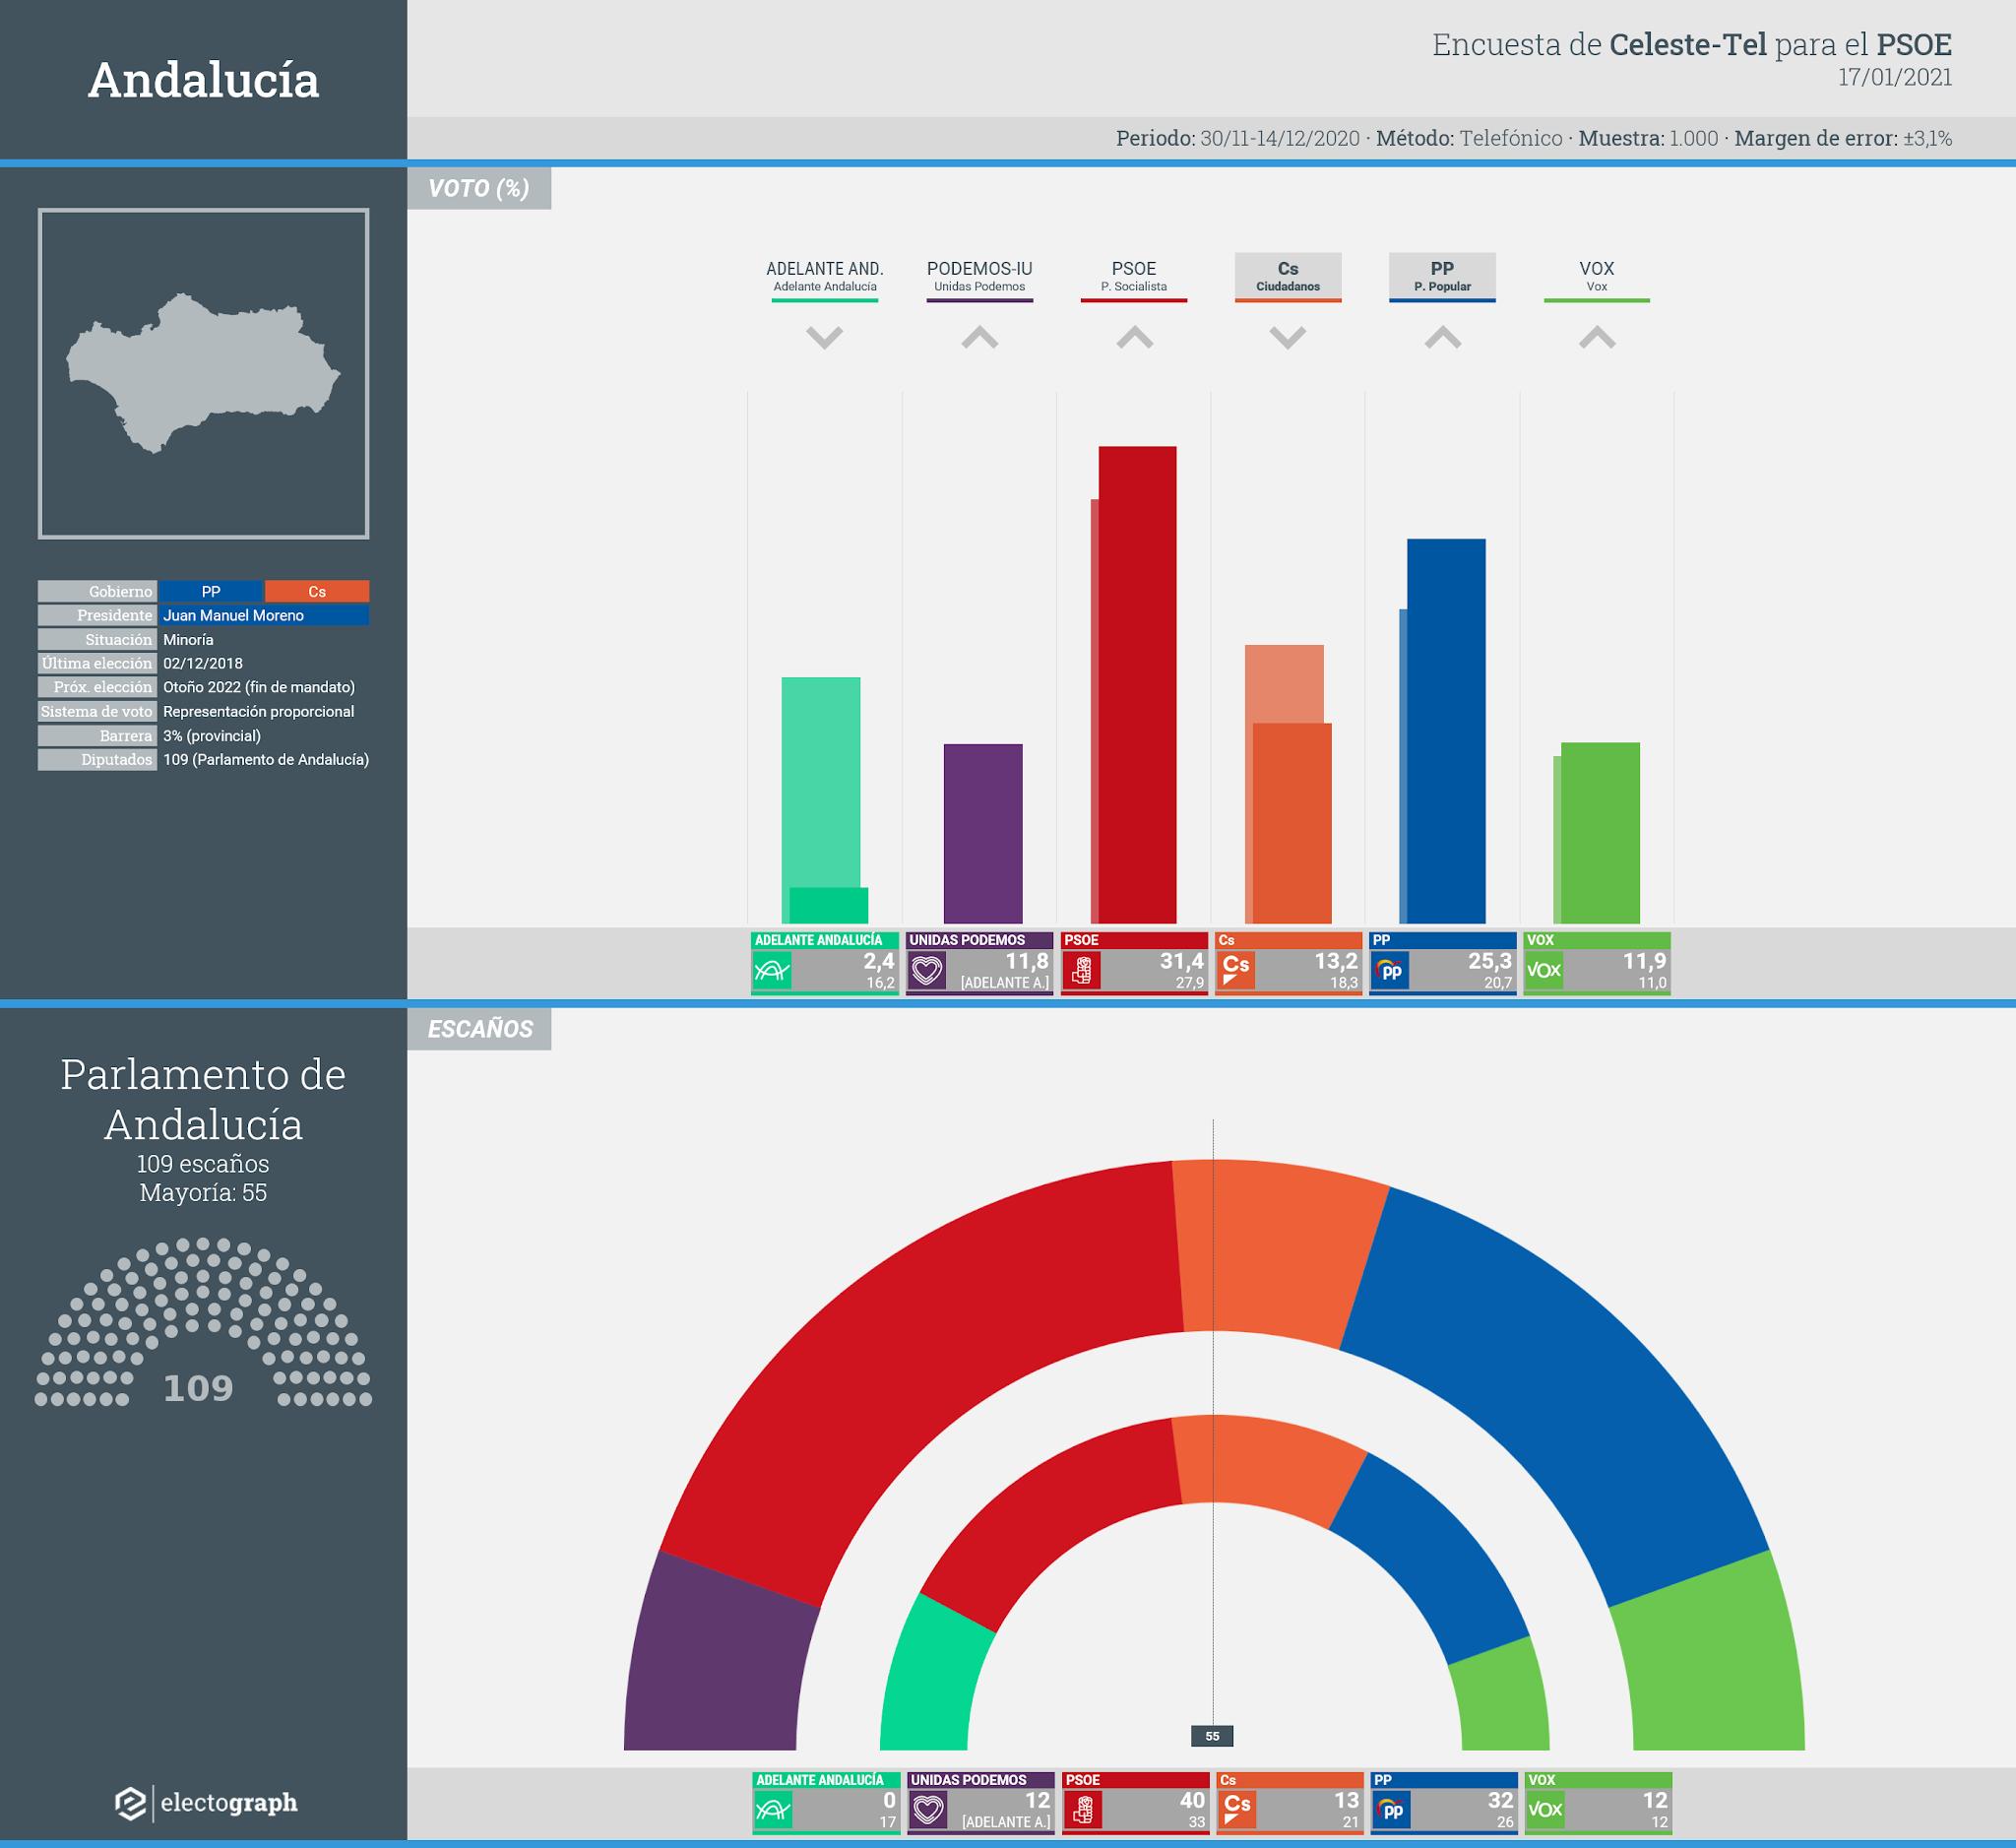 Gráfico de la encuesta para elecciones autonómicas en Andalucía realizada por Celeste-Tel para el PSOE, 17 de enero de 2021